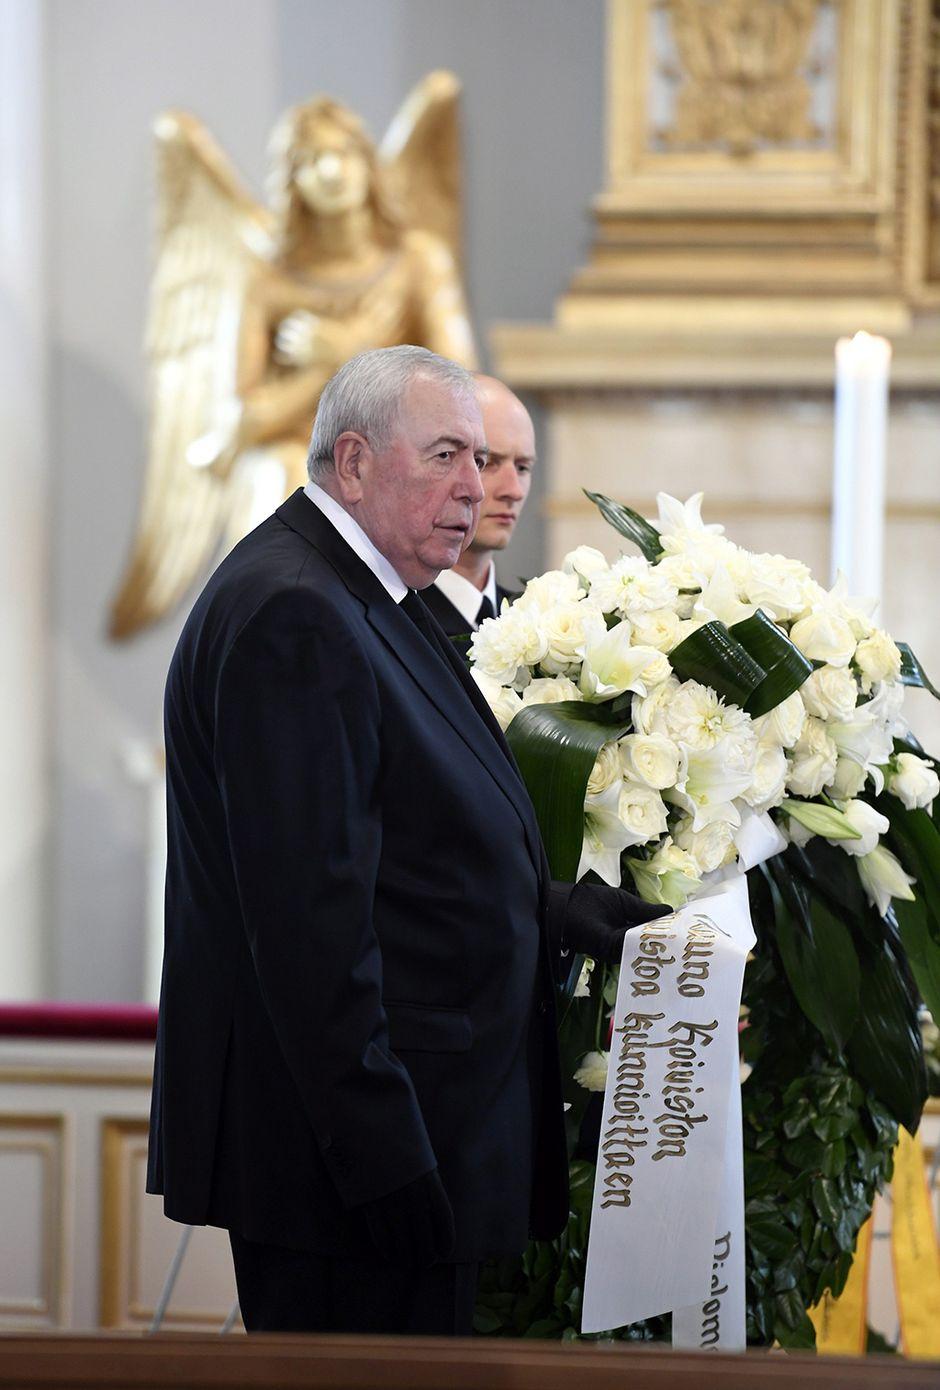 Diplomaattikunnan vanhin, Venäjän suurlähettiläs Alexander Rumyantsev jätti kukkatervehdyksen.